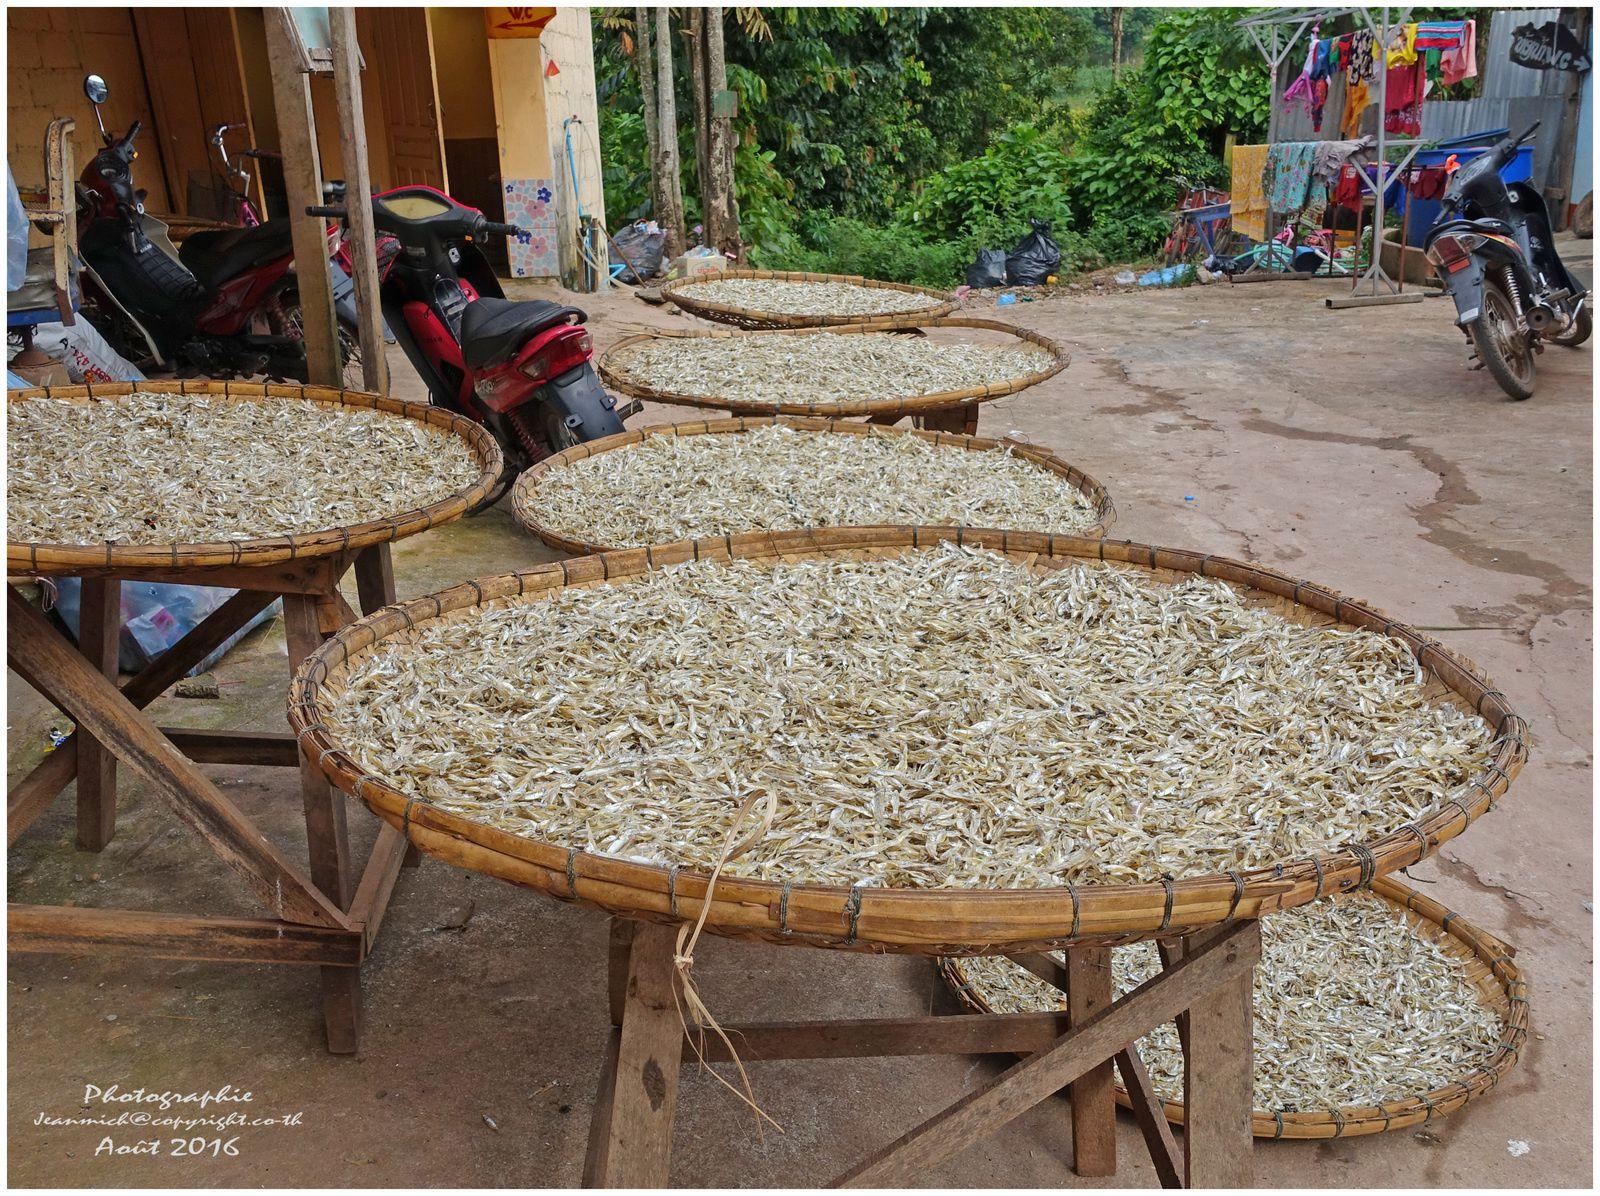 Un marché de poissons au bord de la route (Laos)